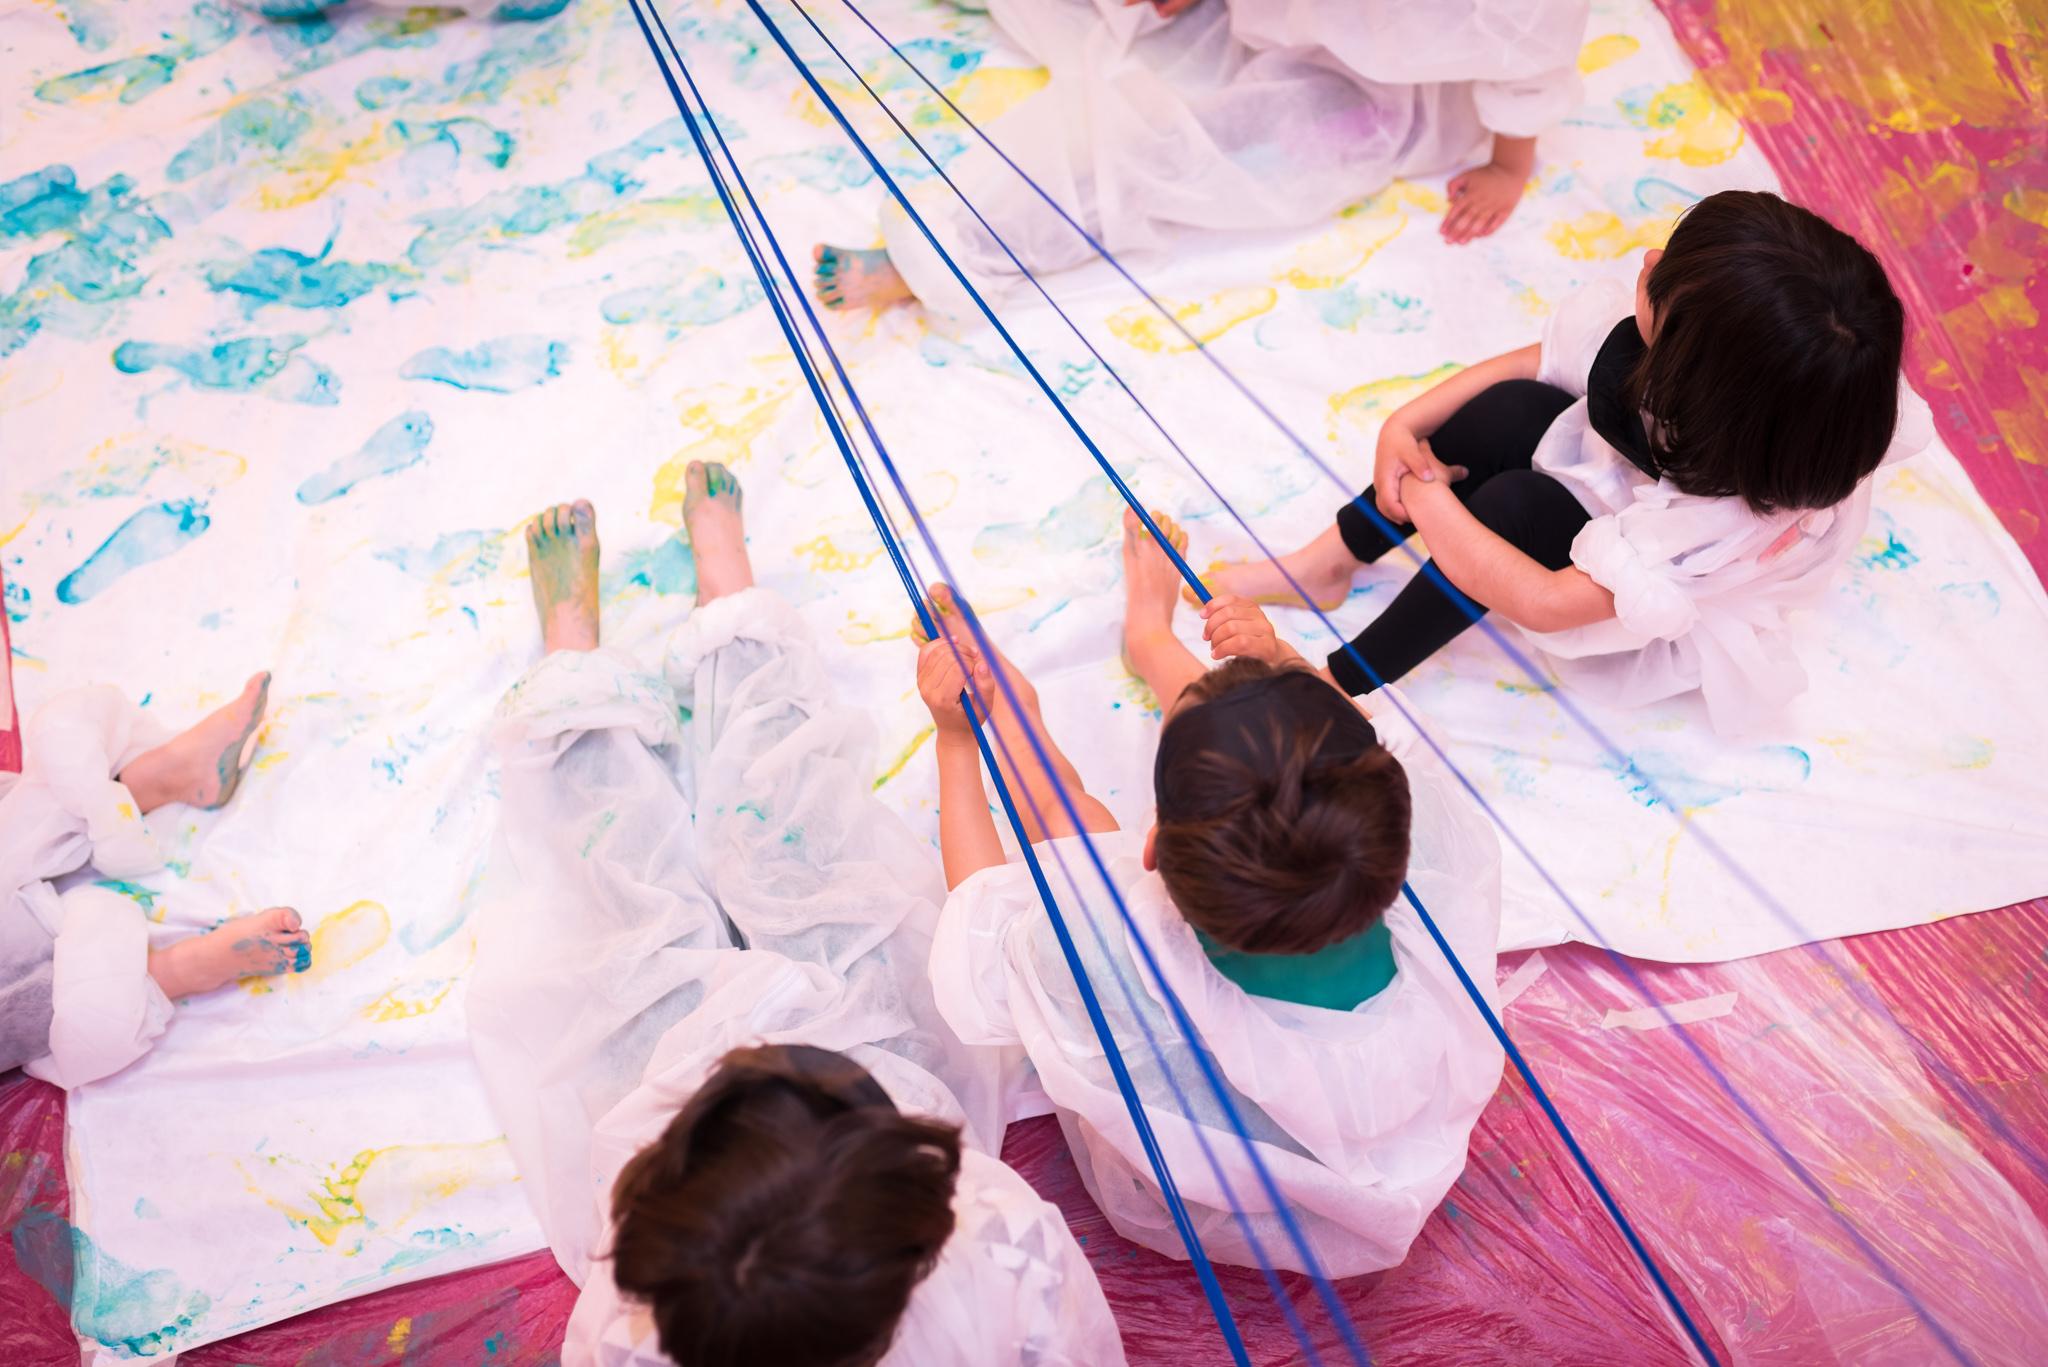 Vista superior de cuatro niñas y niños sentados sobre una tela pintada, tensando cuerdas sobre esta.